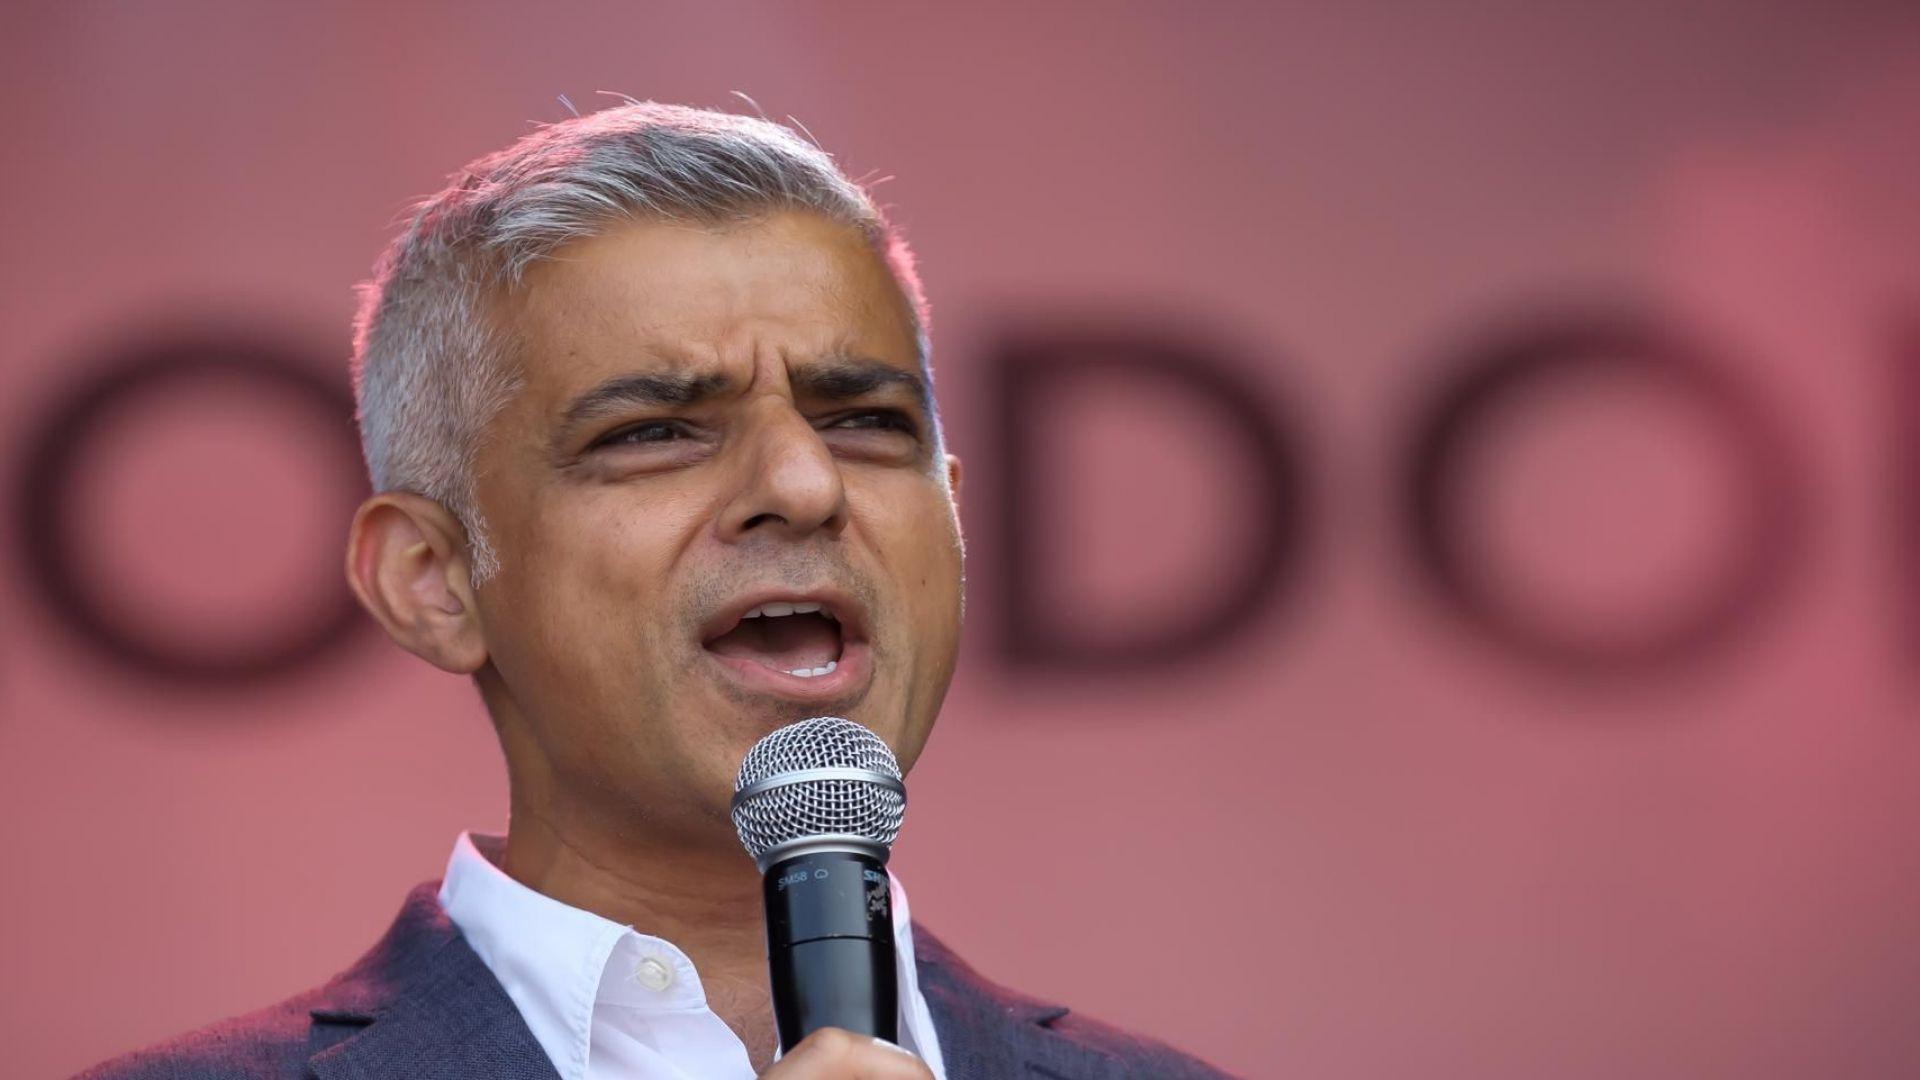 Хиляди демонстранти се събраха днес в центъра на Лондон, за